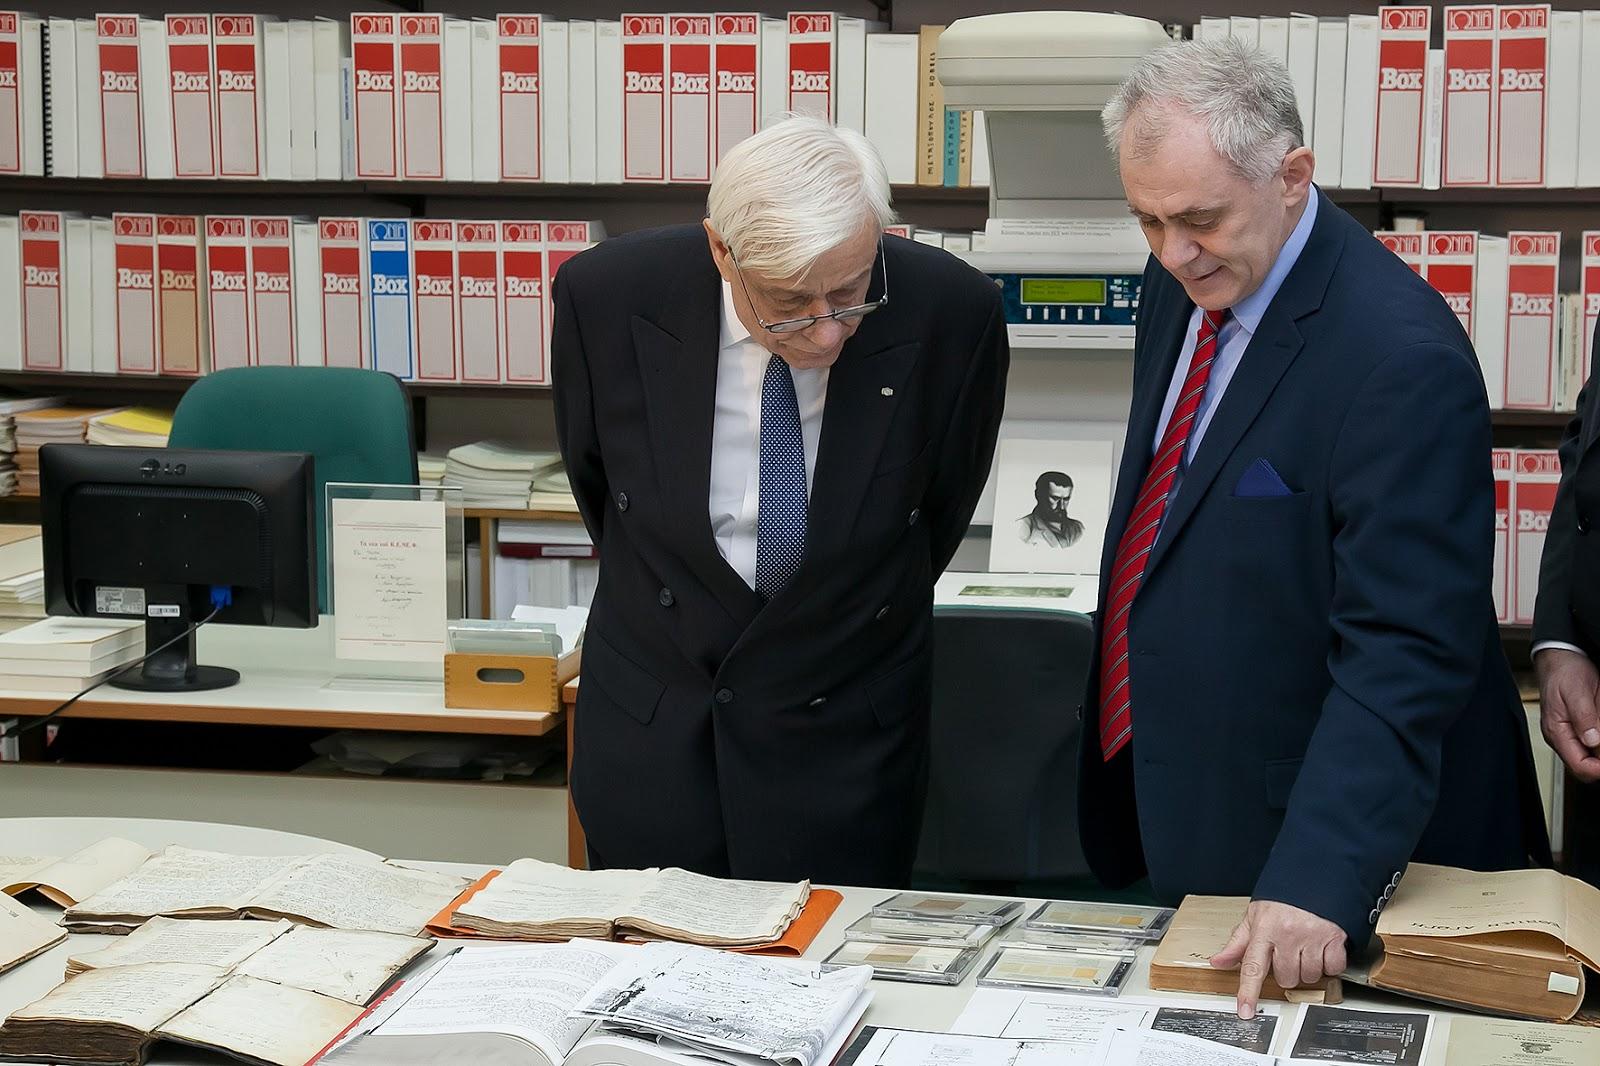 Πανεπιστήμιο Ιωαννίνων:Την «Έκθεση χειρογράφων και παλαιτύπων»,επισκέφθηκε ο Πρόεδρος της Δημοκρατίας